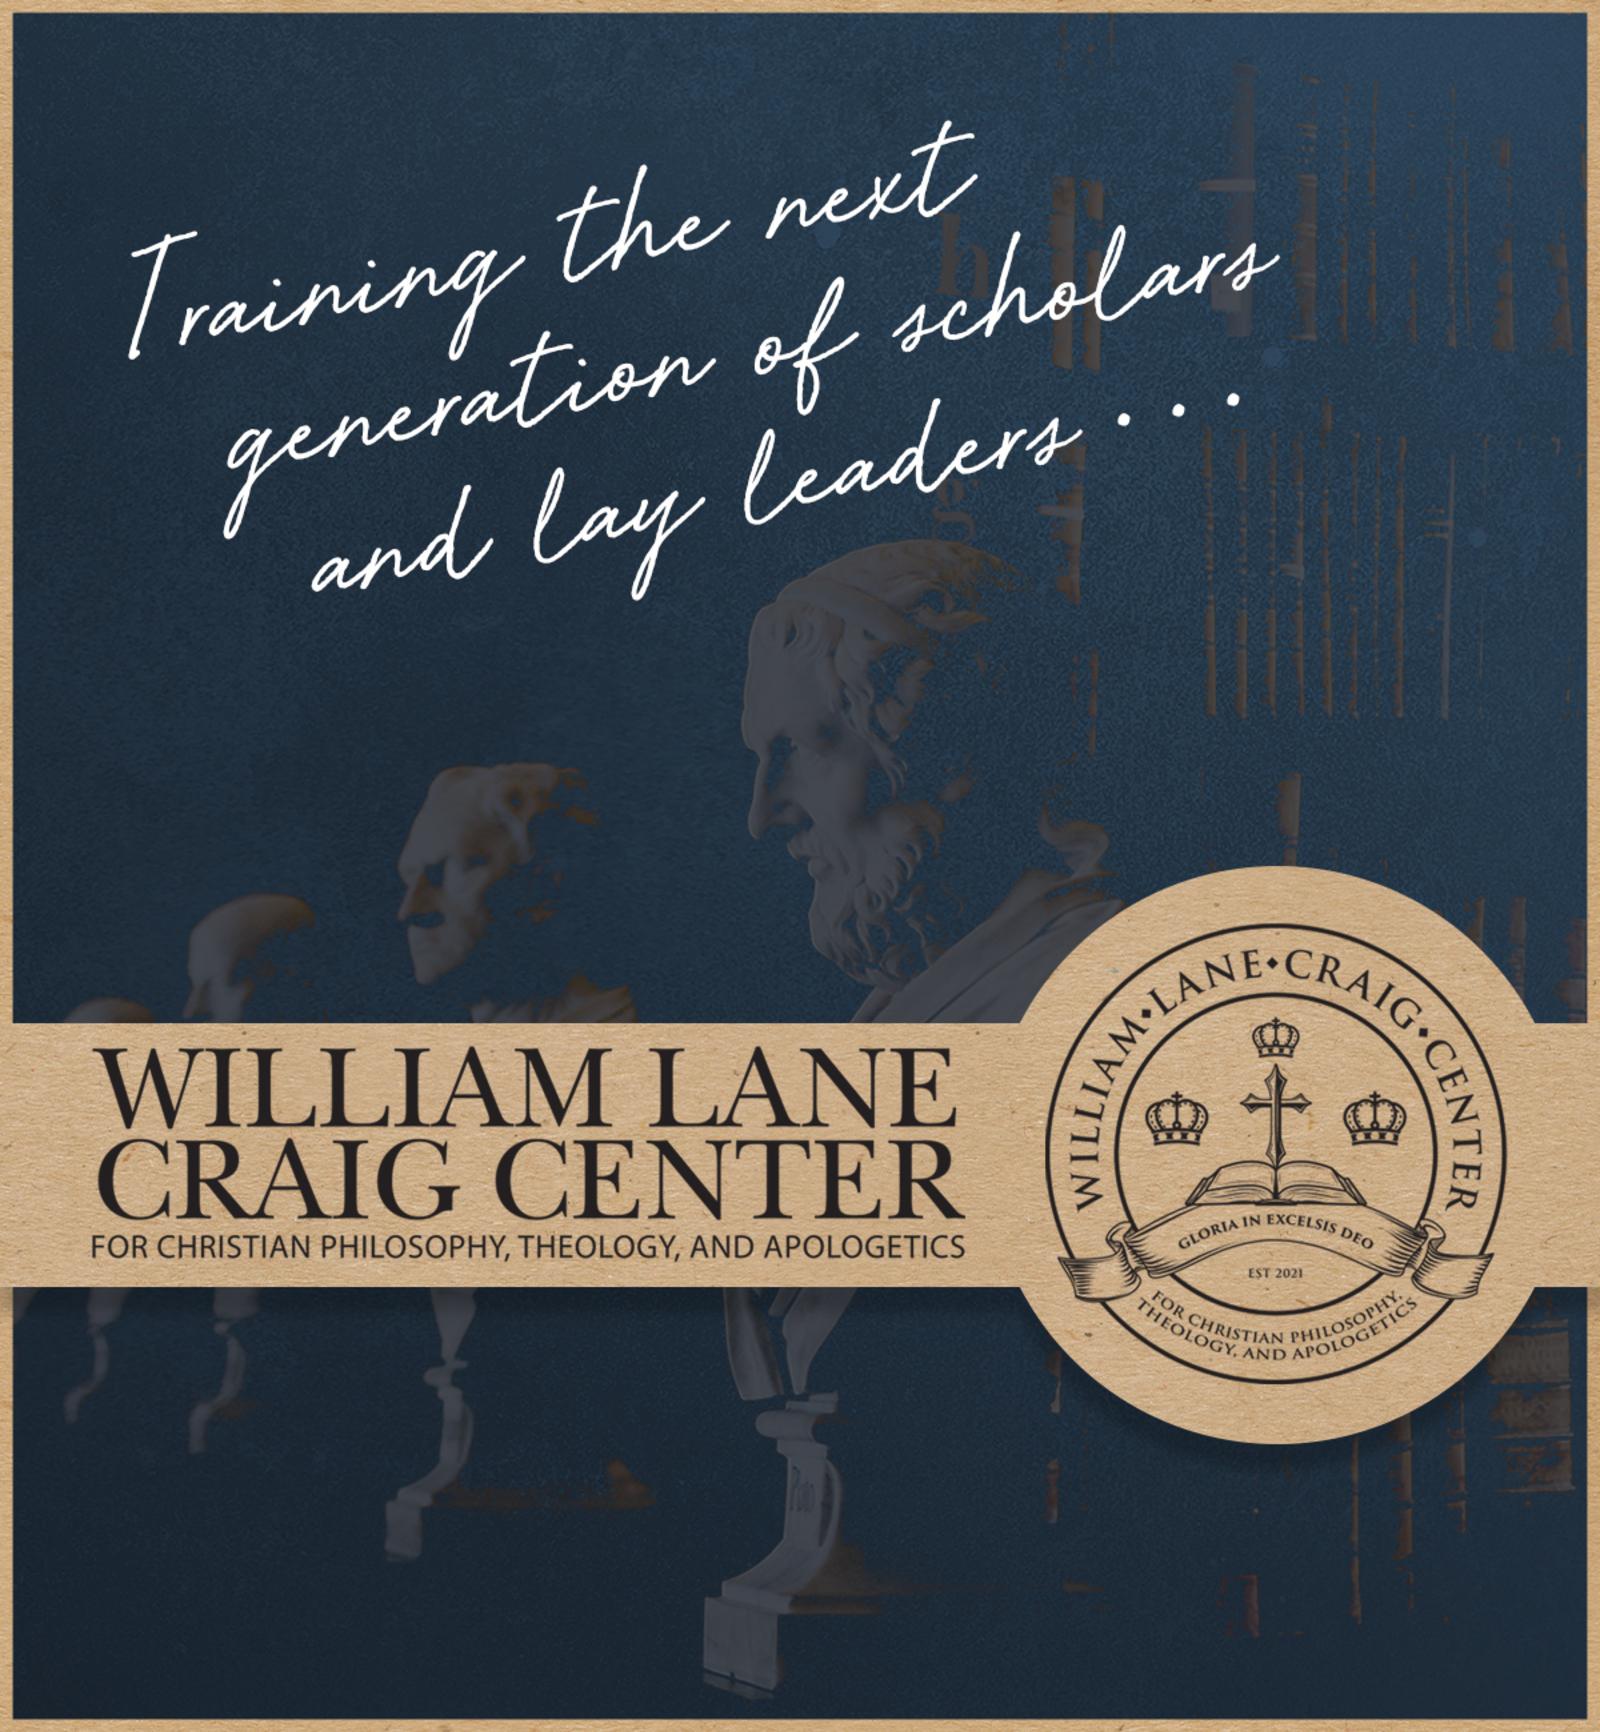 William Lane Craig Center